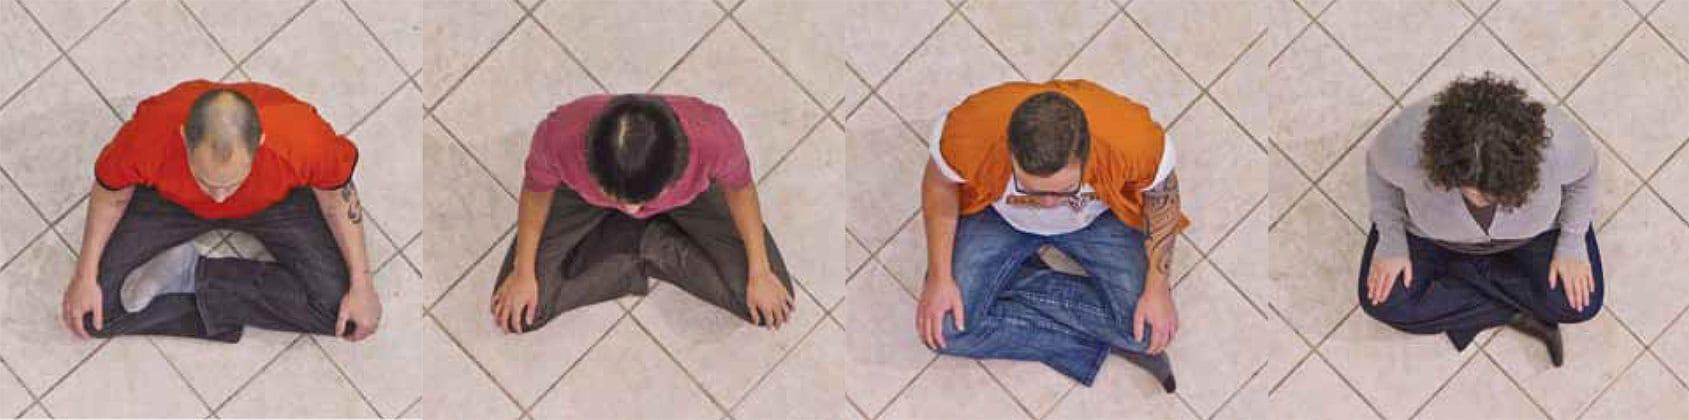 4-people-meditating